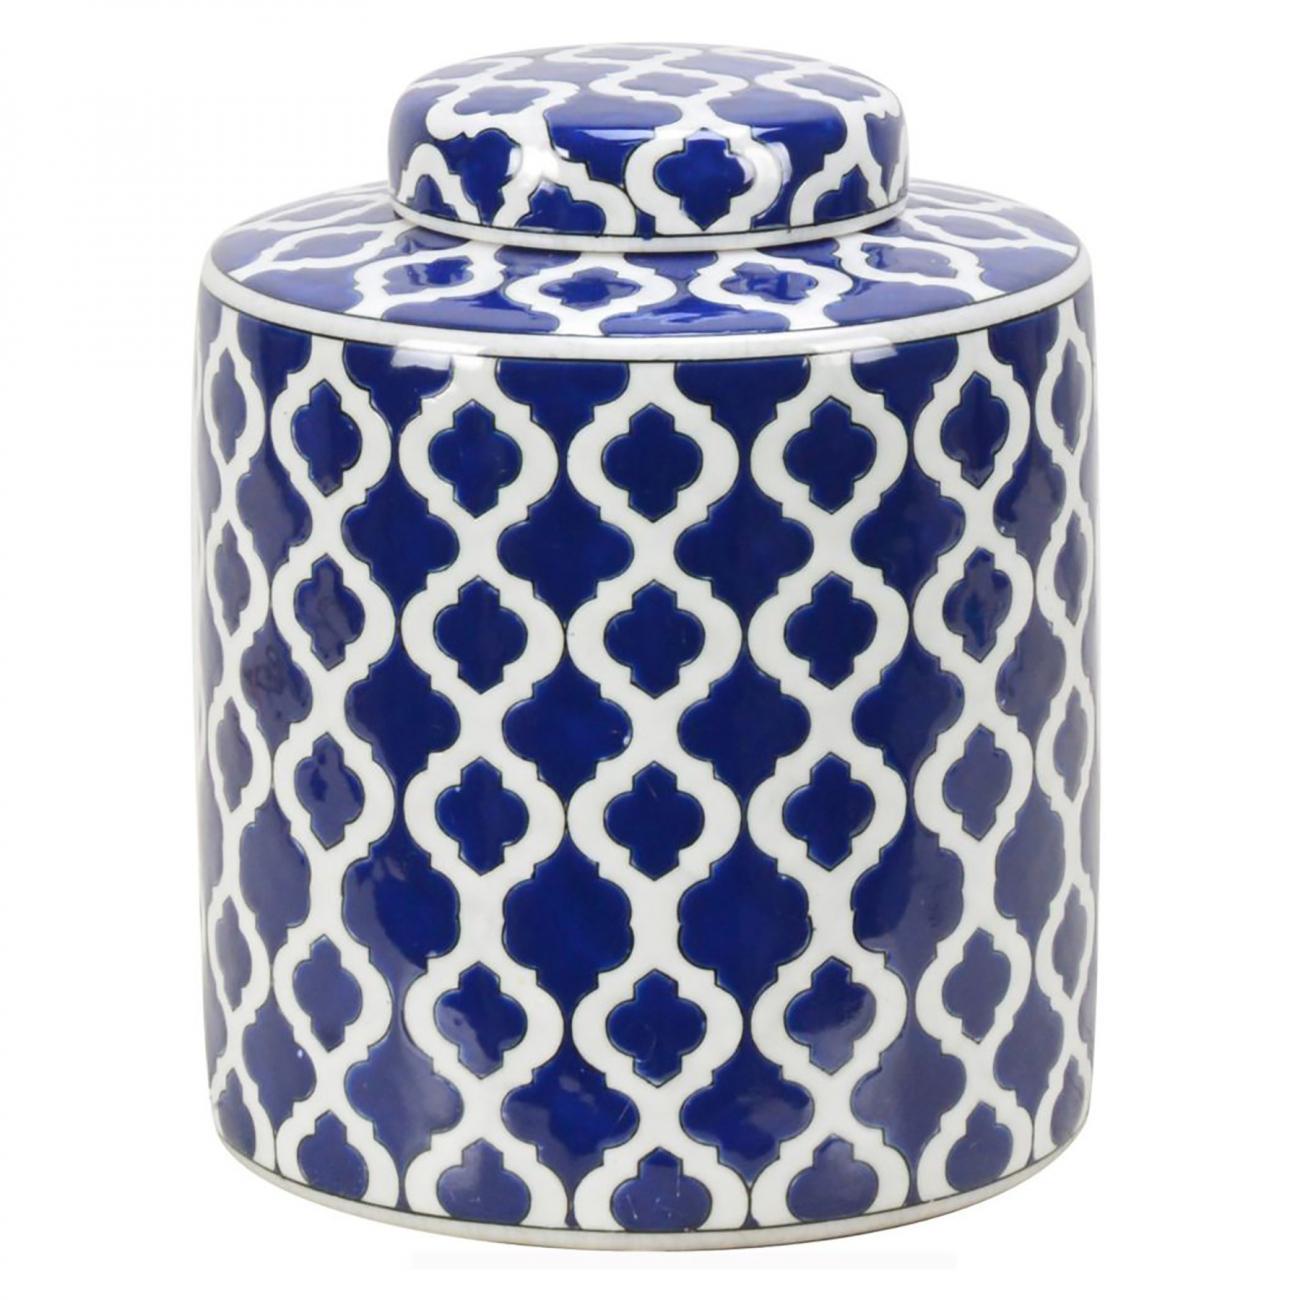 Купить Ваза настольная Dafna в интернет магазине дизайнерской мебели и аксессуаров для дома и дачи